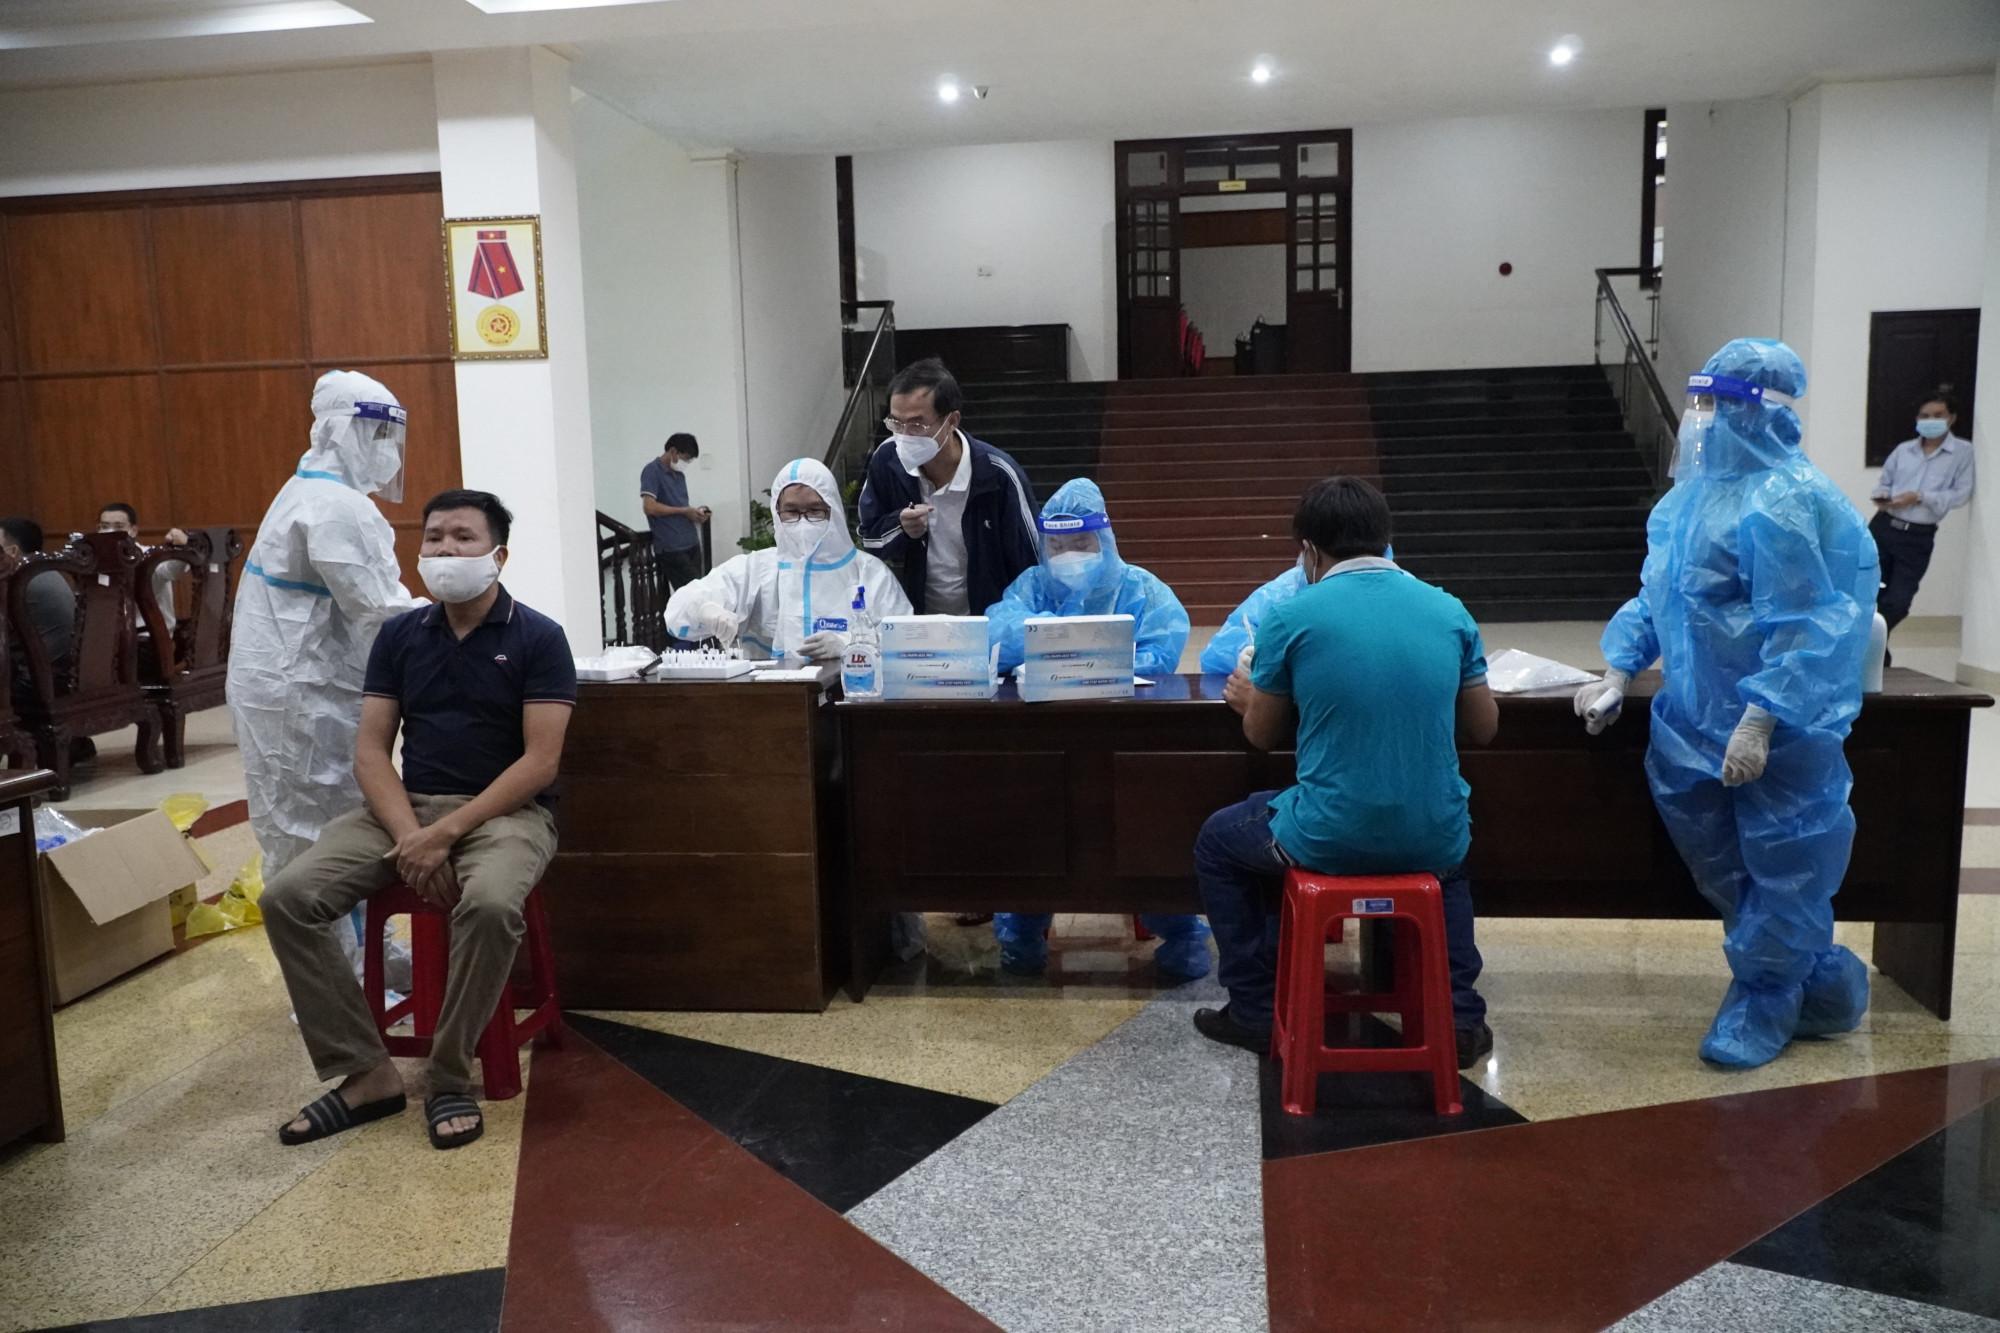 Tỉnh Đắk Nông vừa ghi nhận một trường hợp là giáo viên đi từ TPHCM về dương tính với SARS-CoV-2